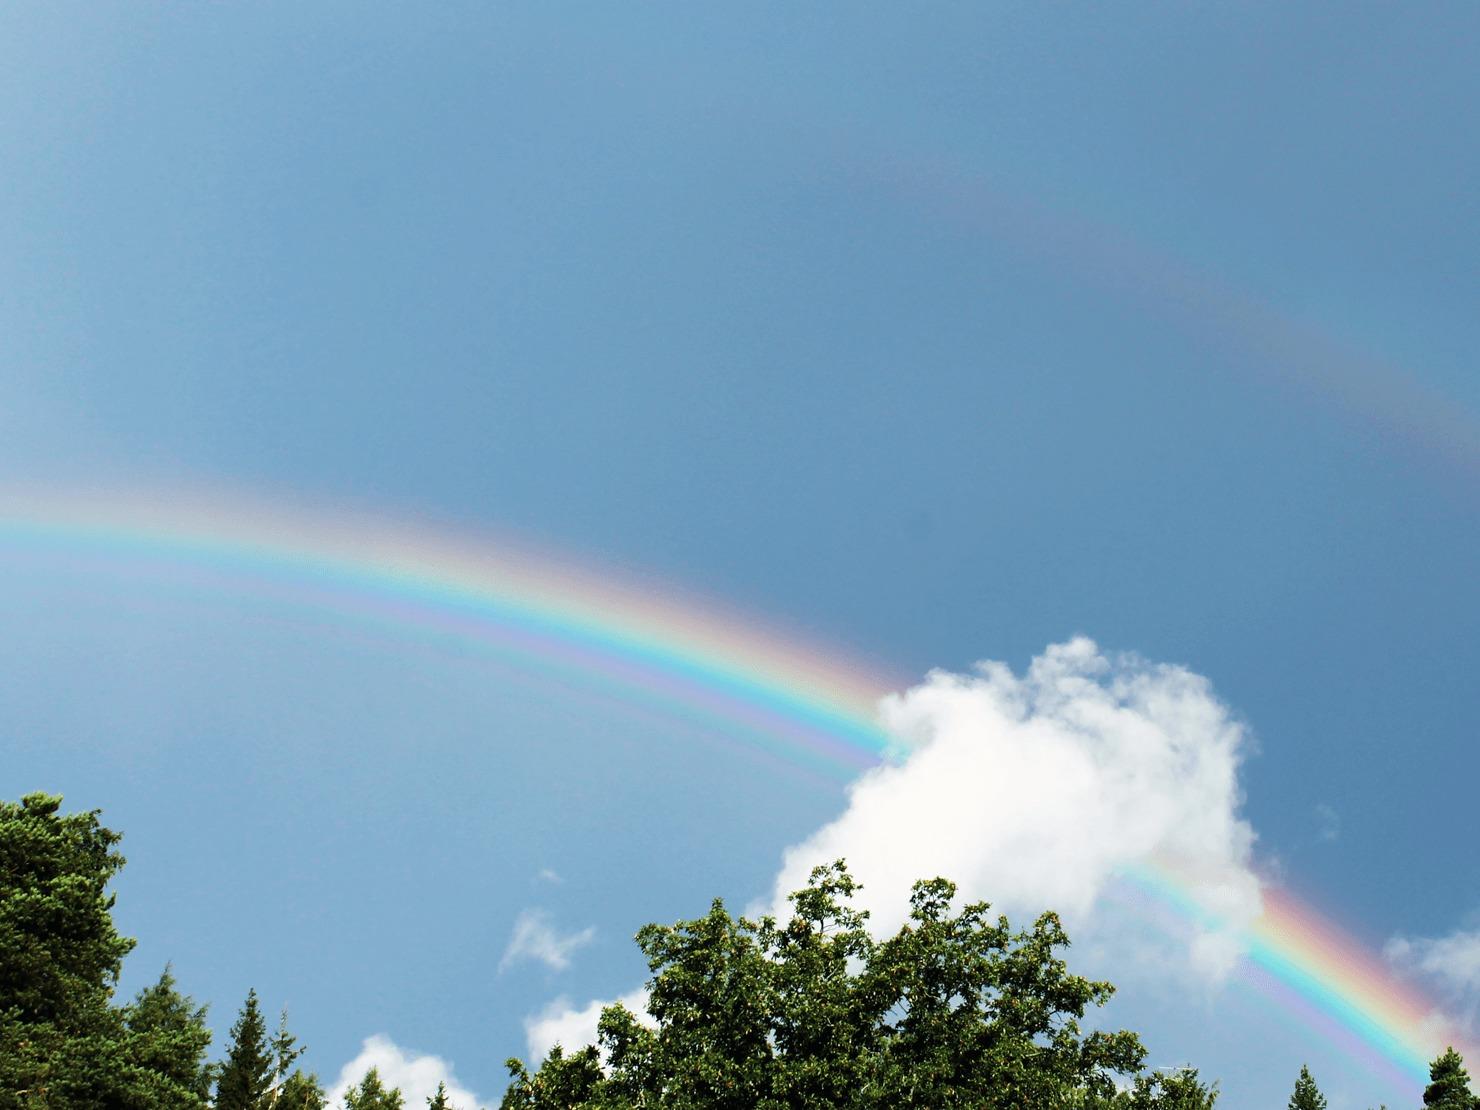 空に虹がかかっている写真